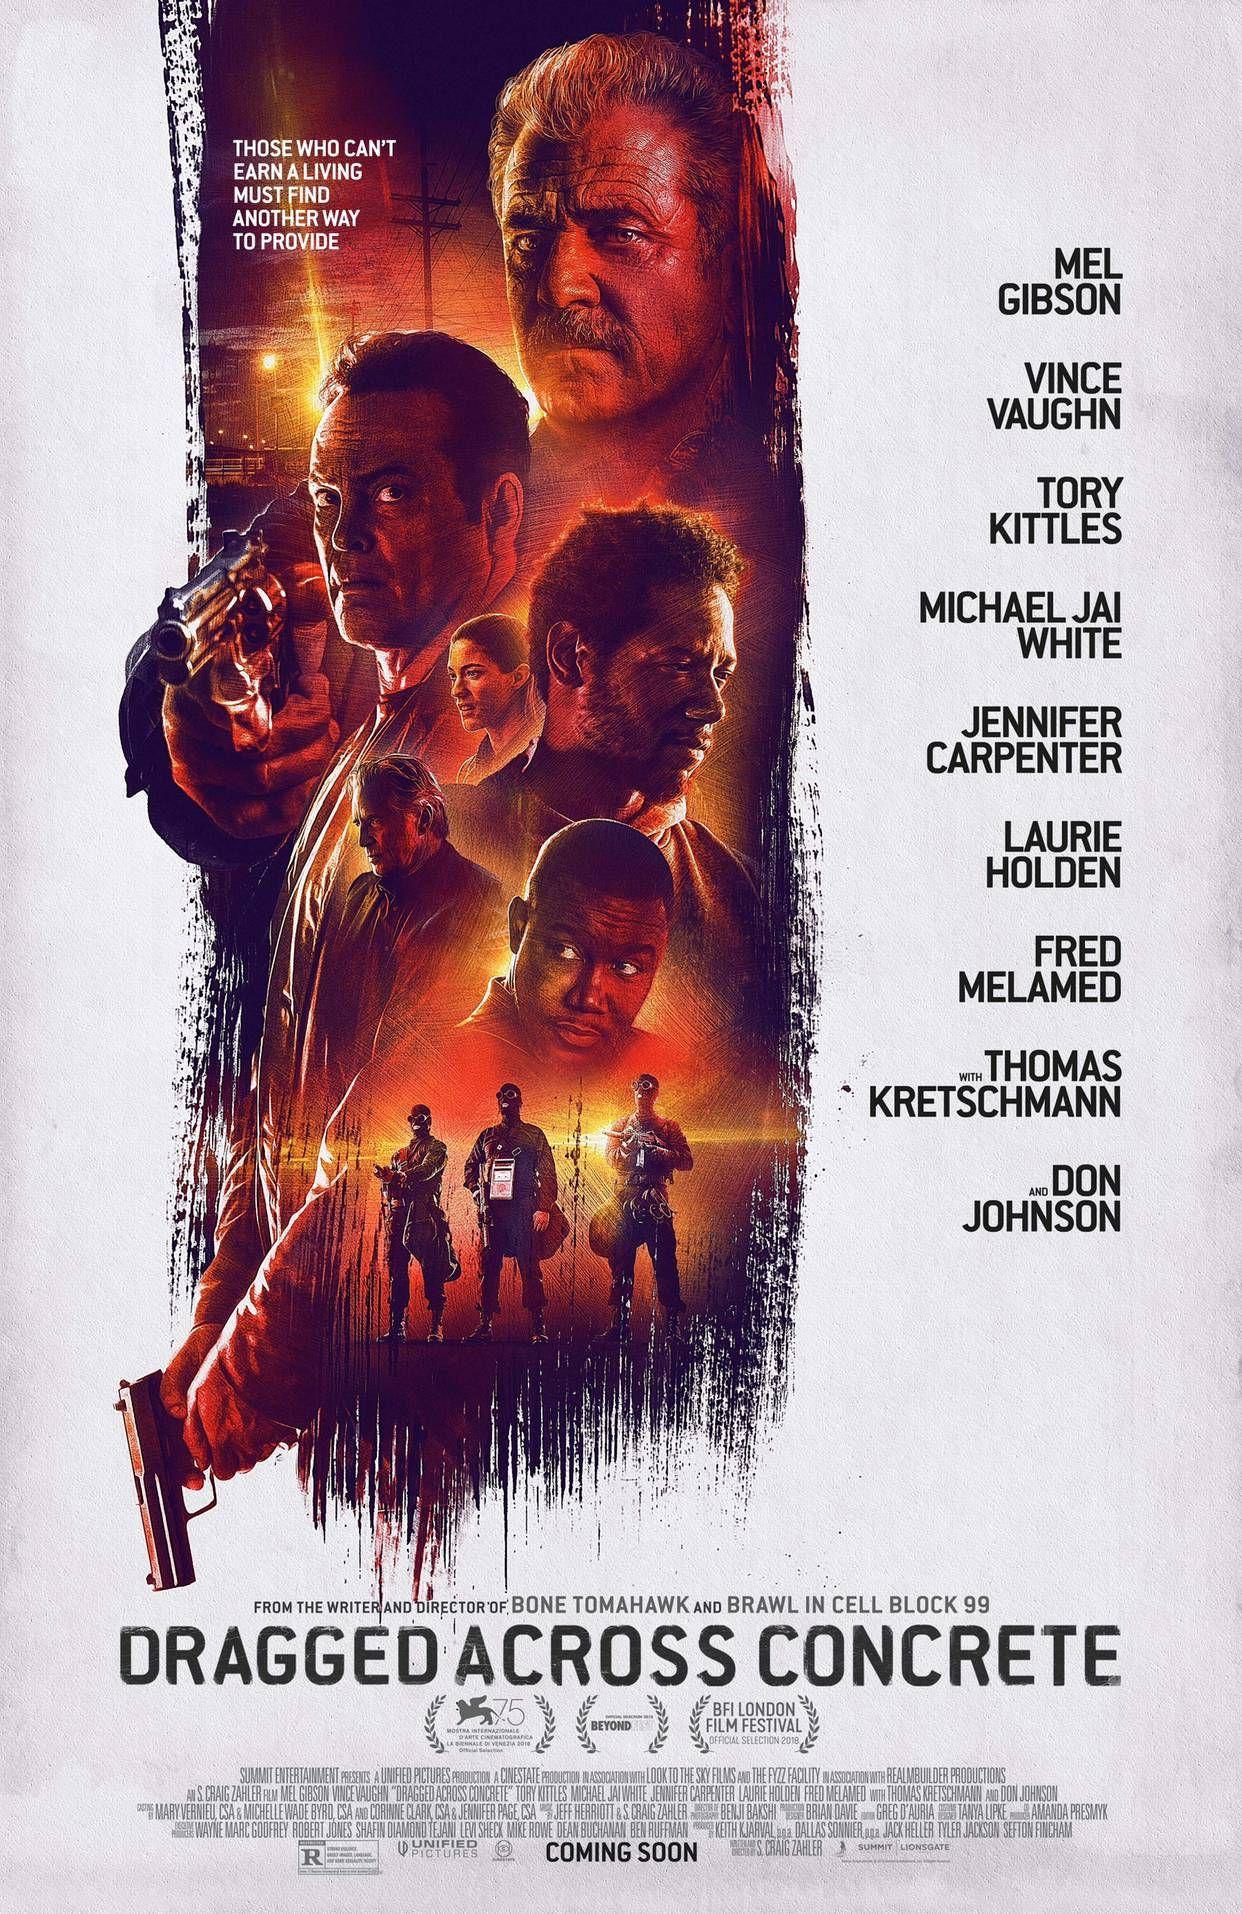 Vince Vaughn a Mel Gibson sú zapredaní policajti ochotní lámať kosti. Akčné krimi od režiséra Bone Tomahawk ukazuje prvú ukážku